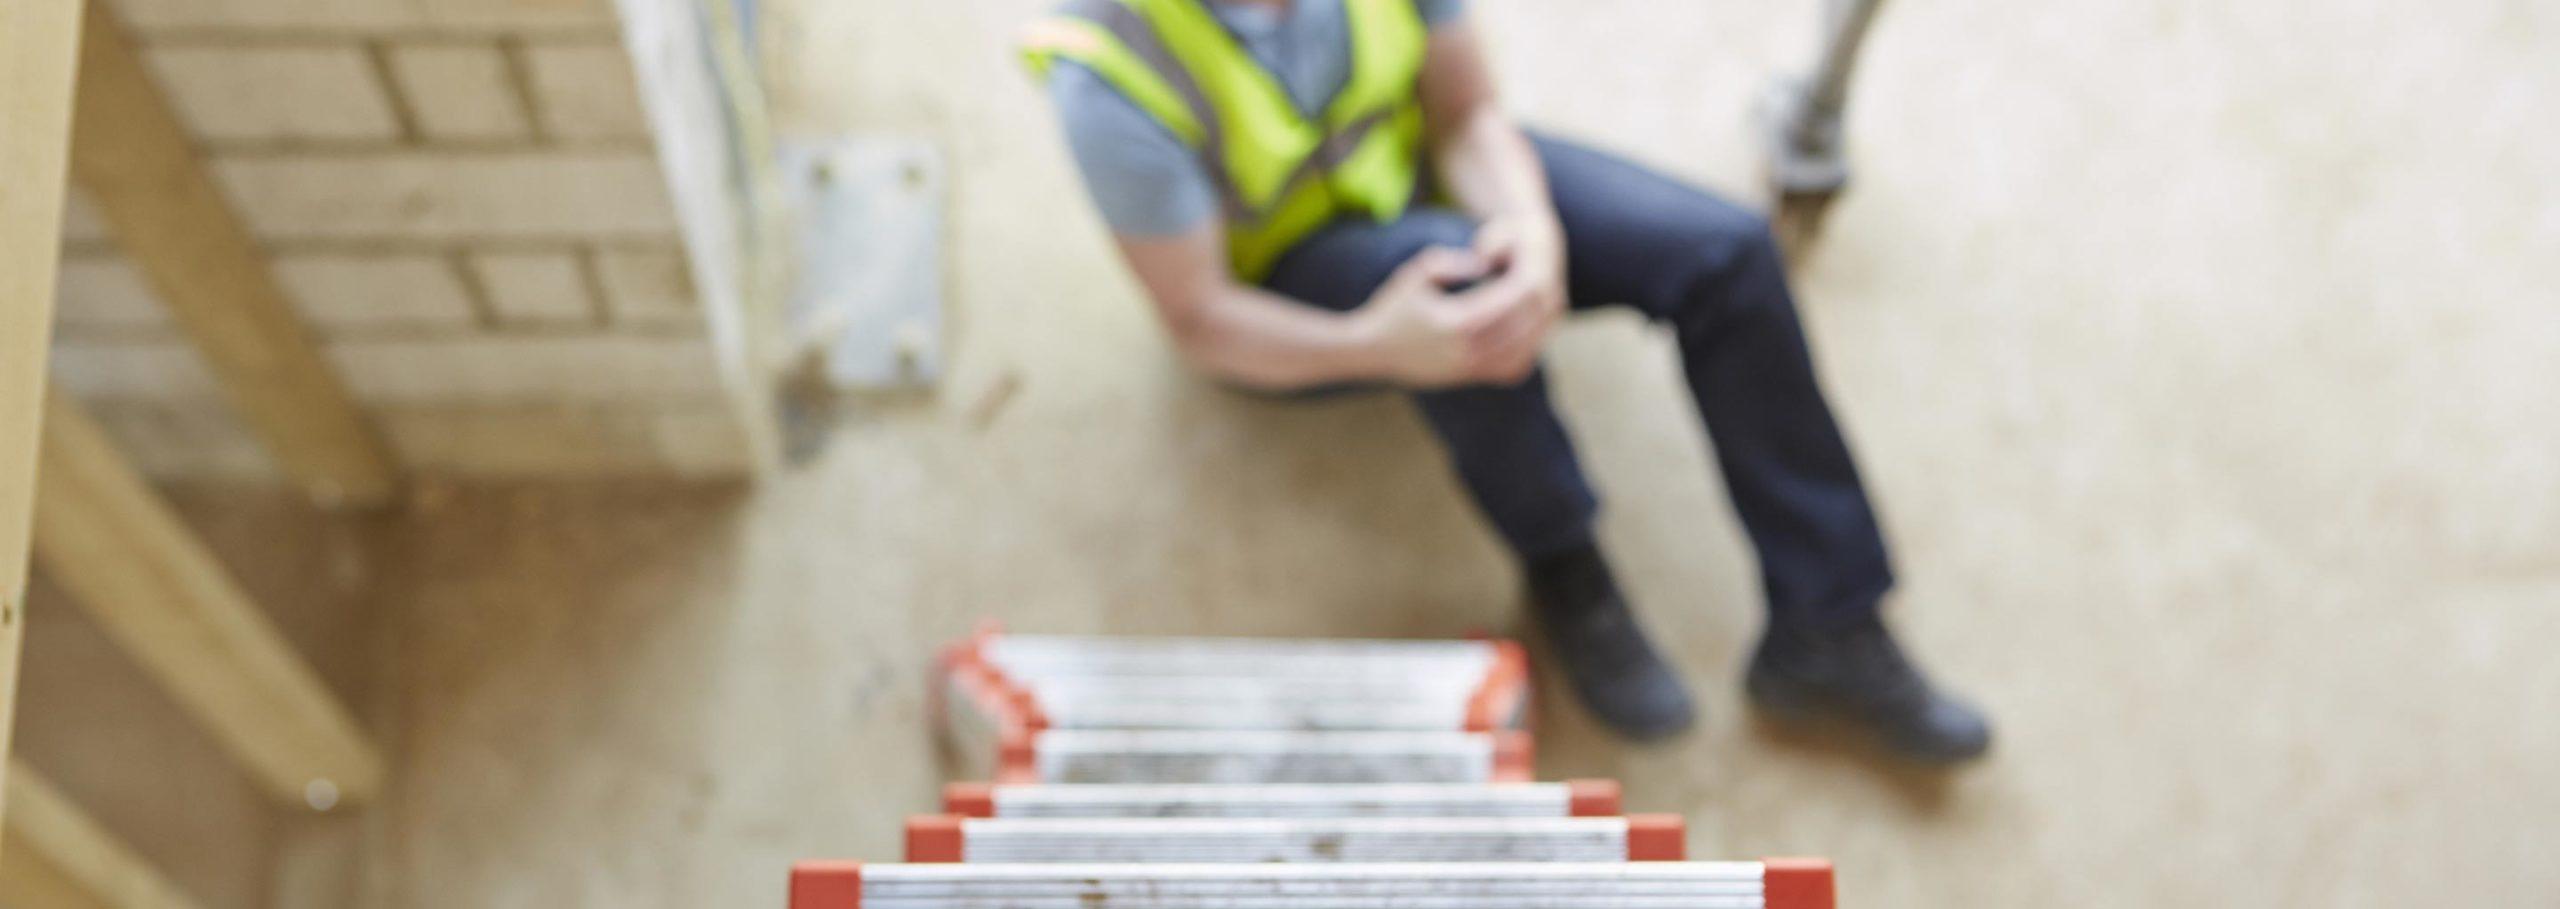 ladder injury at work